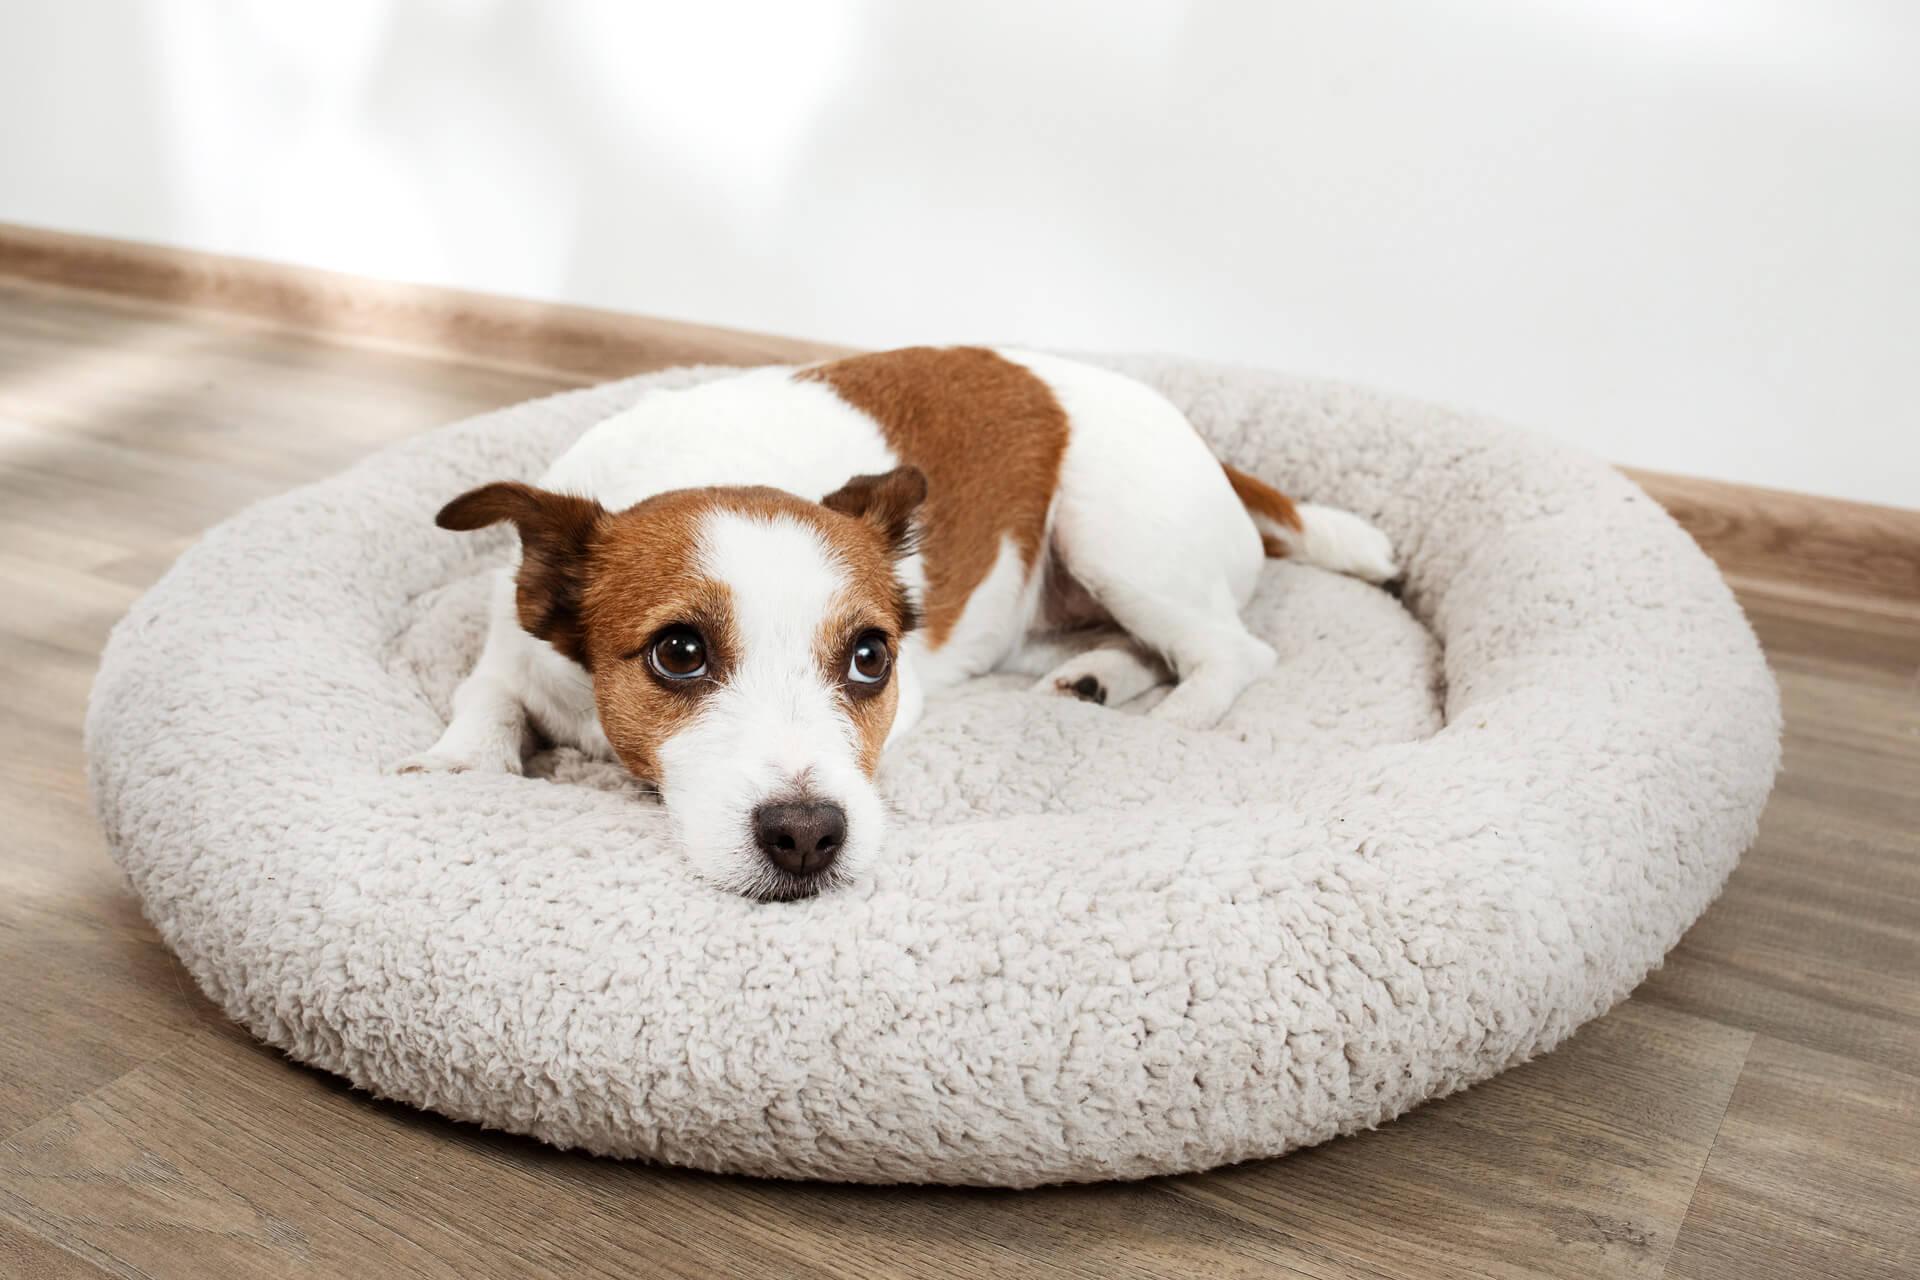 Hund liegt in seinem Hundebett und schaut traurig - wenn Hund Durchfall hat